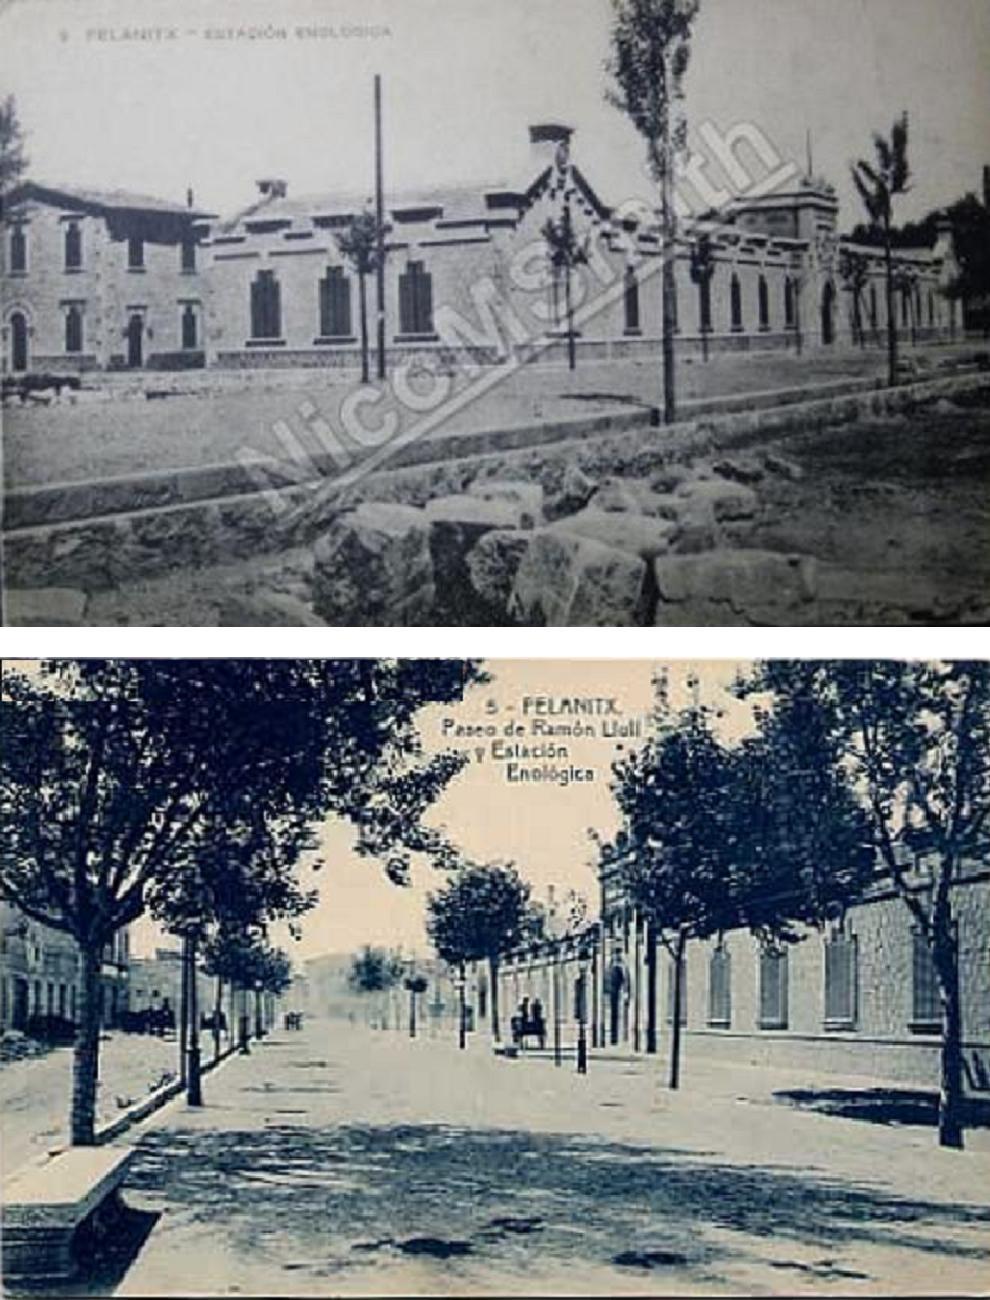 Dues postals